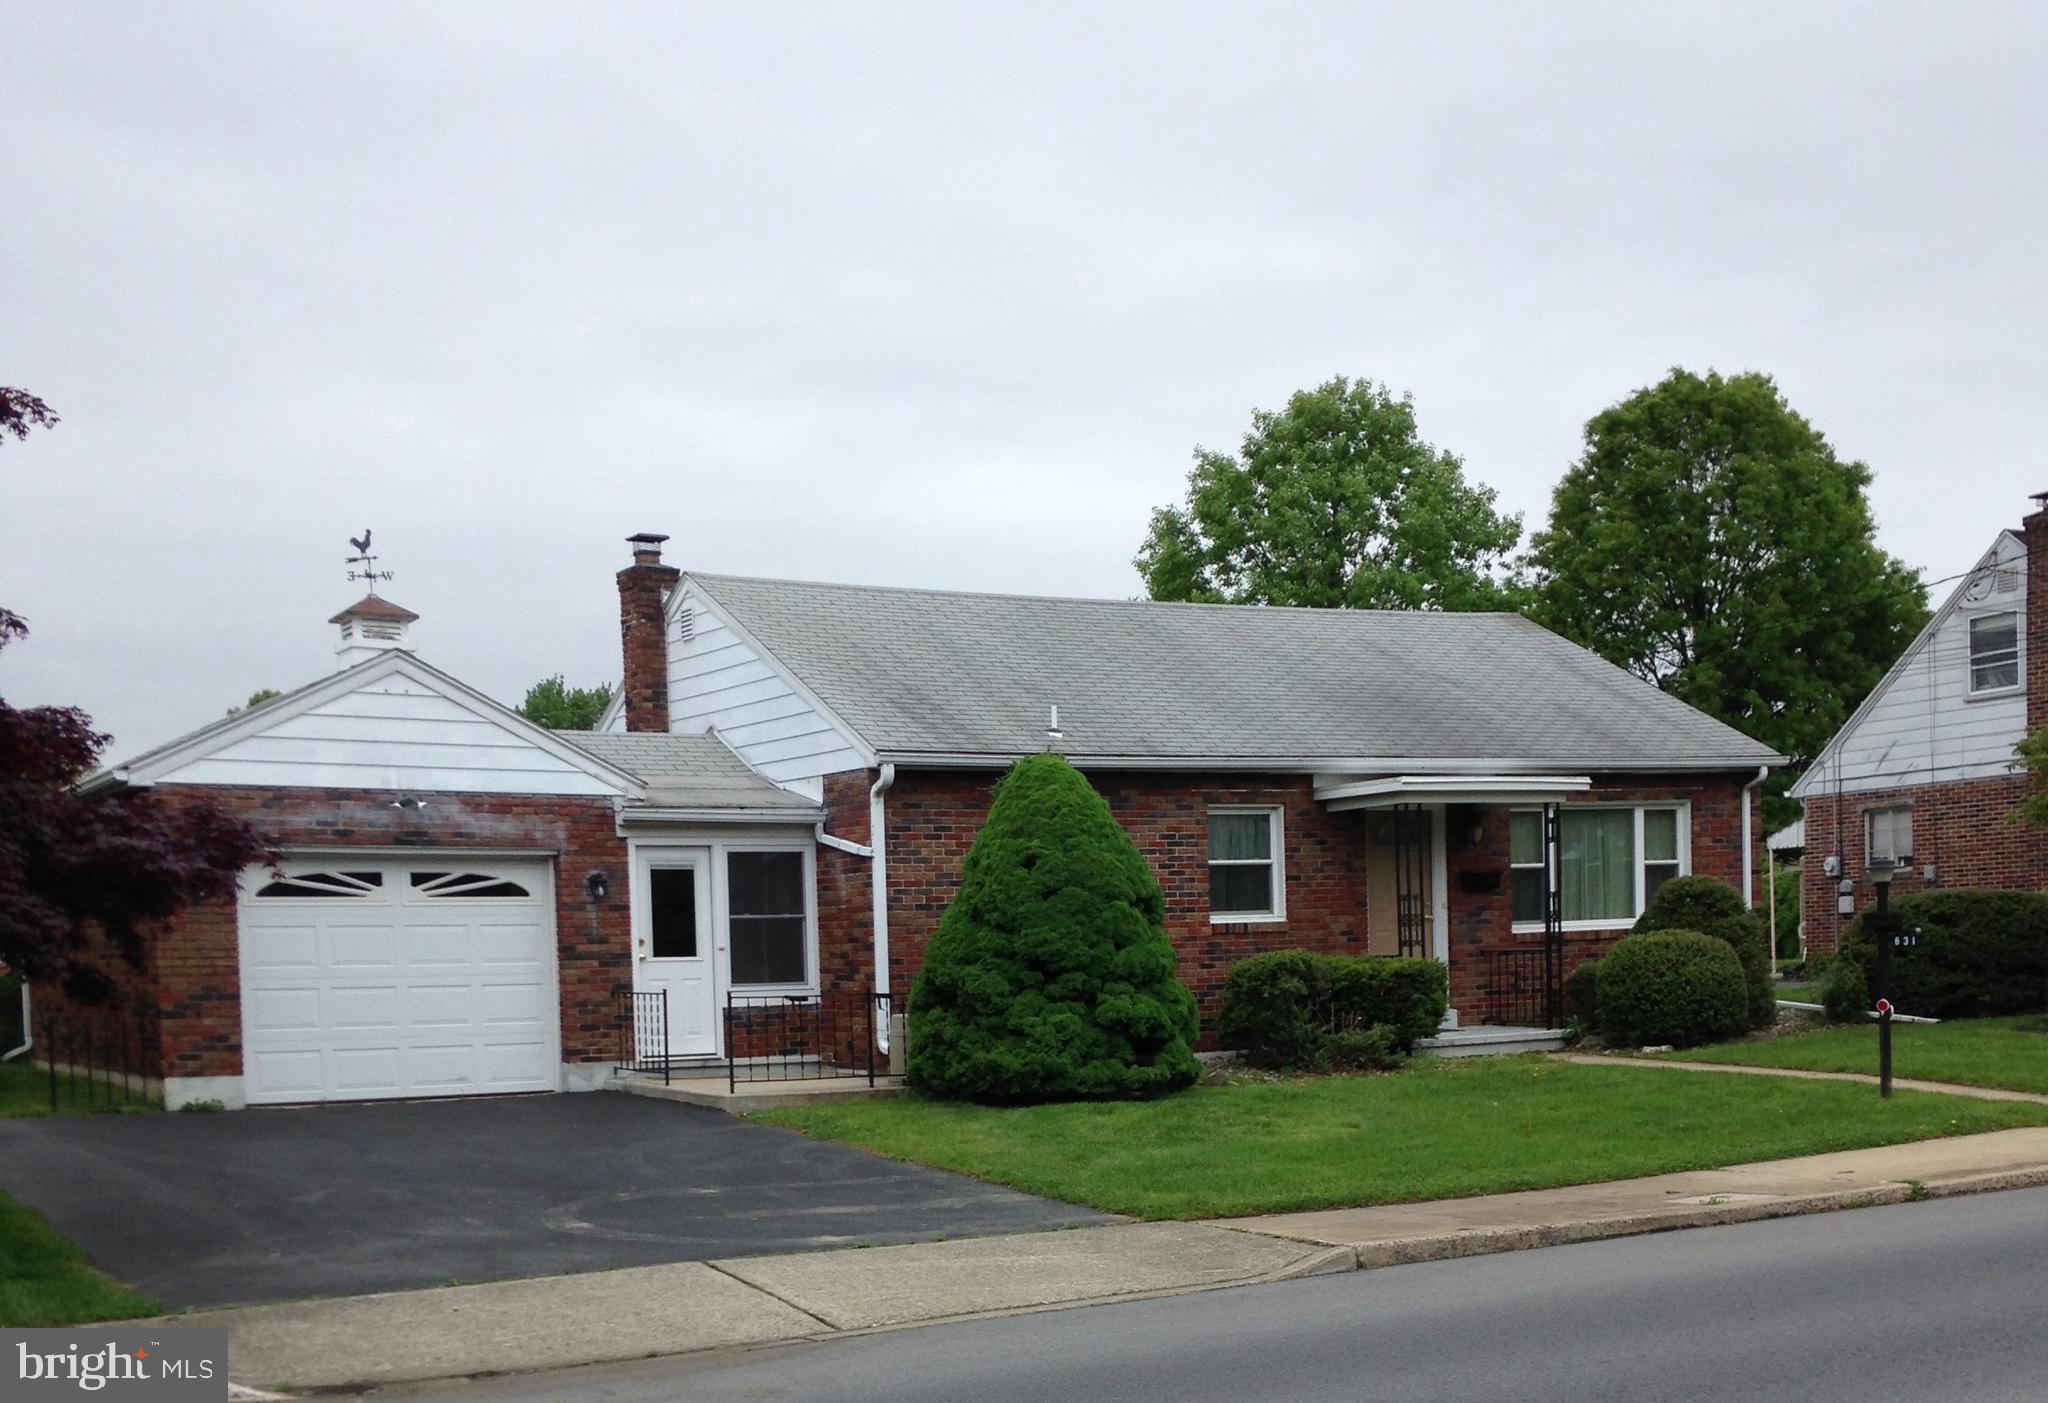 631 HARRISON STREET, EMMAUS, PA 18049